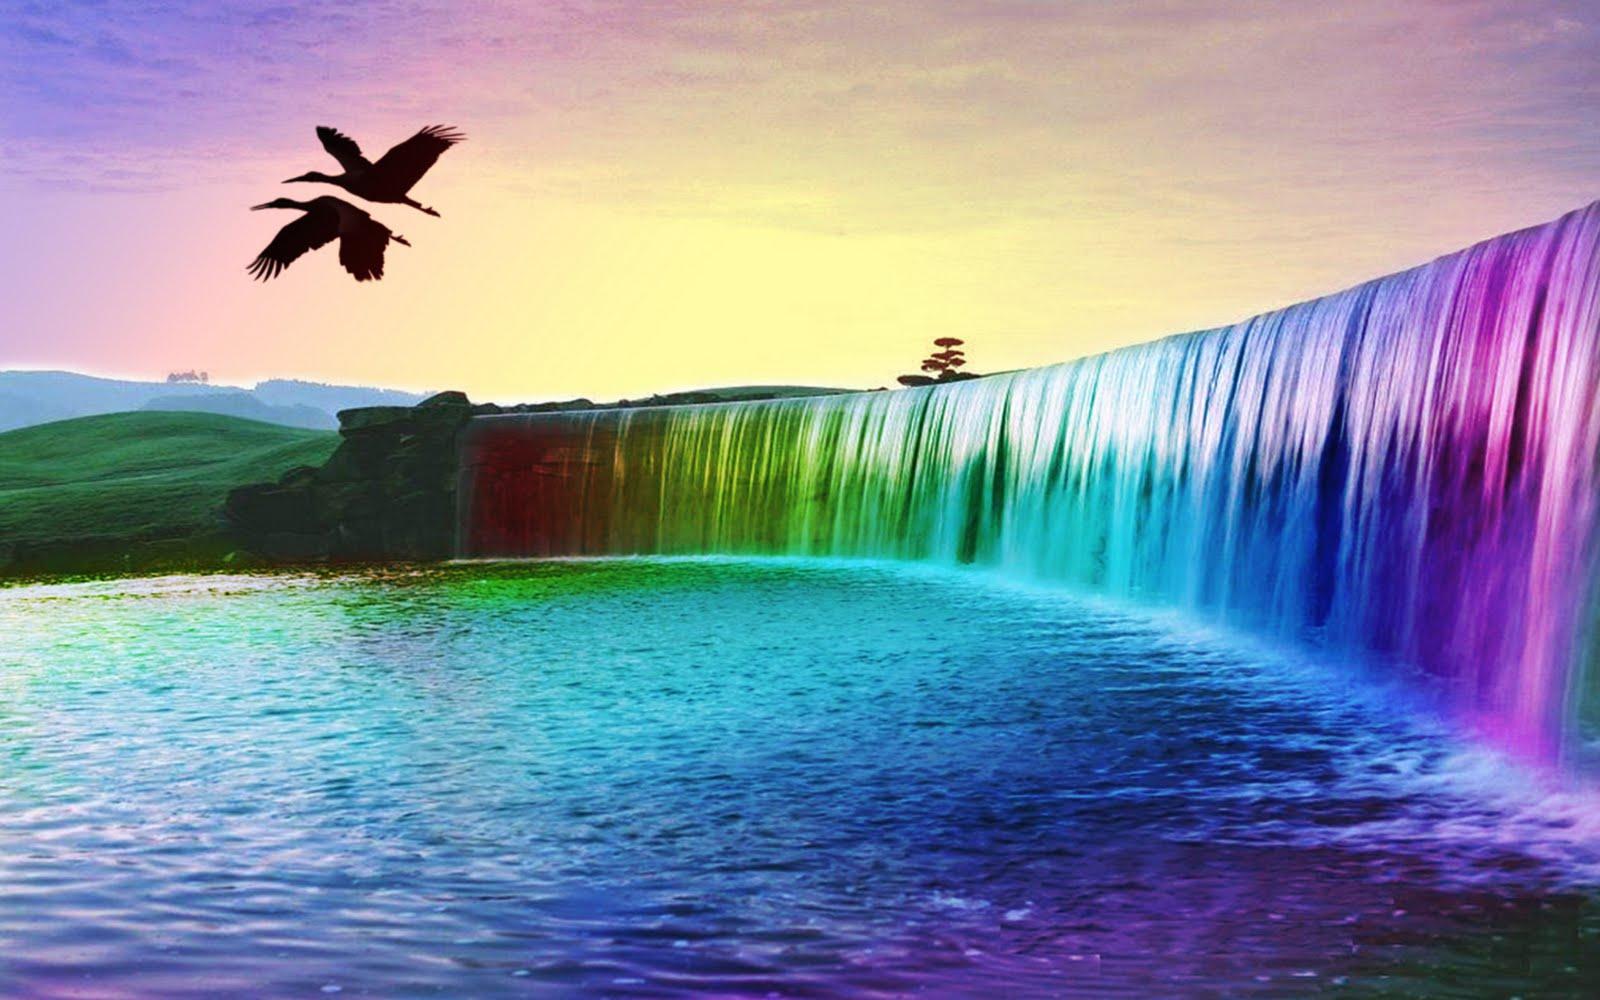 3D Waterfall Wallpaper wallpaper 3D Waterfall Wallpaper hd wallpaper 1600x1000